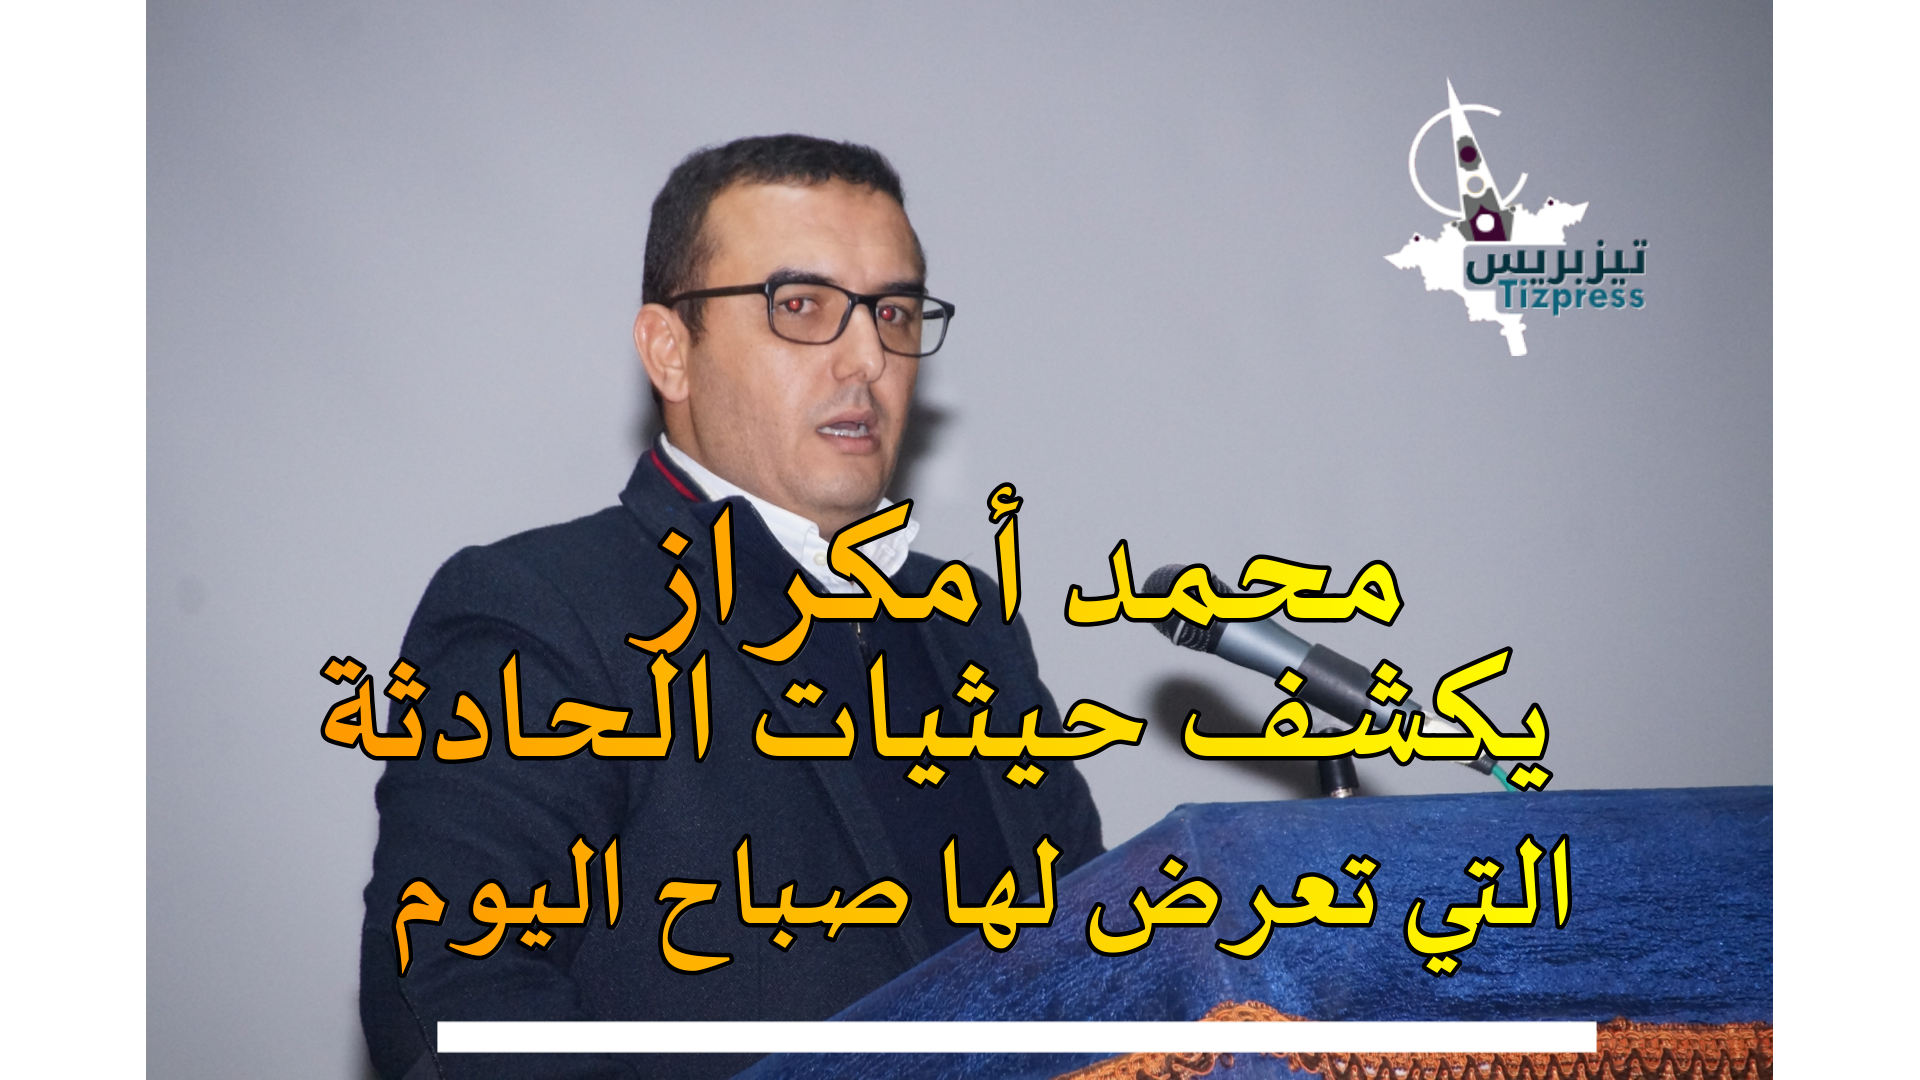 فيديو ..محمد أمكراز يكشف حيثيات الحادثة التي تعرض لها صباح اليوم